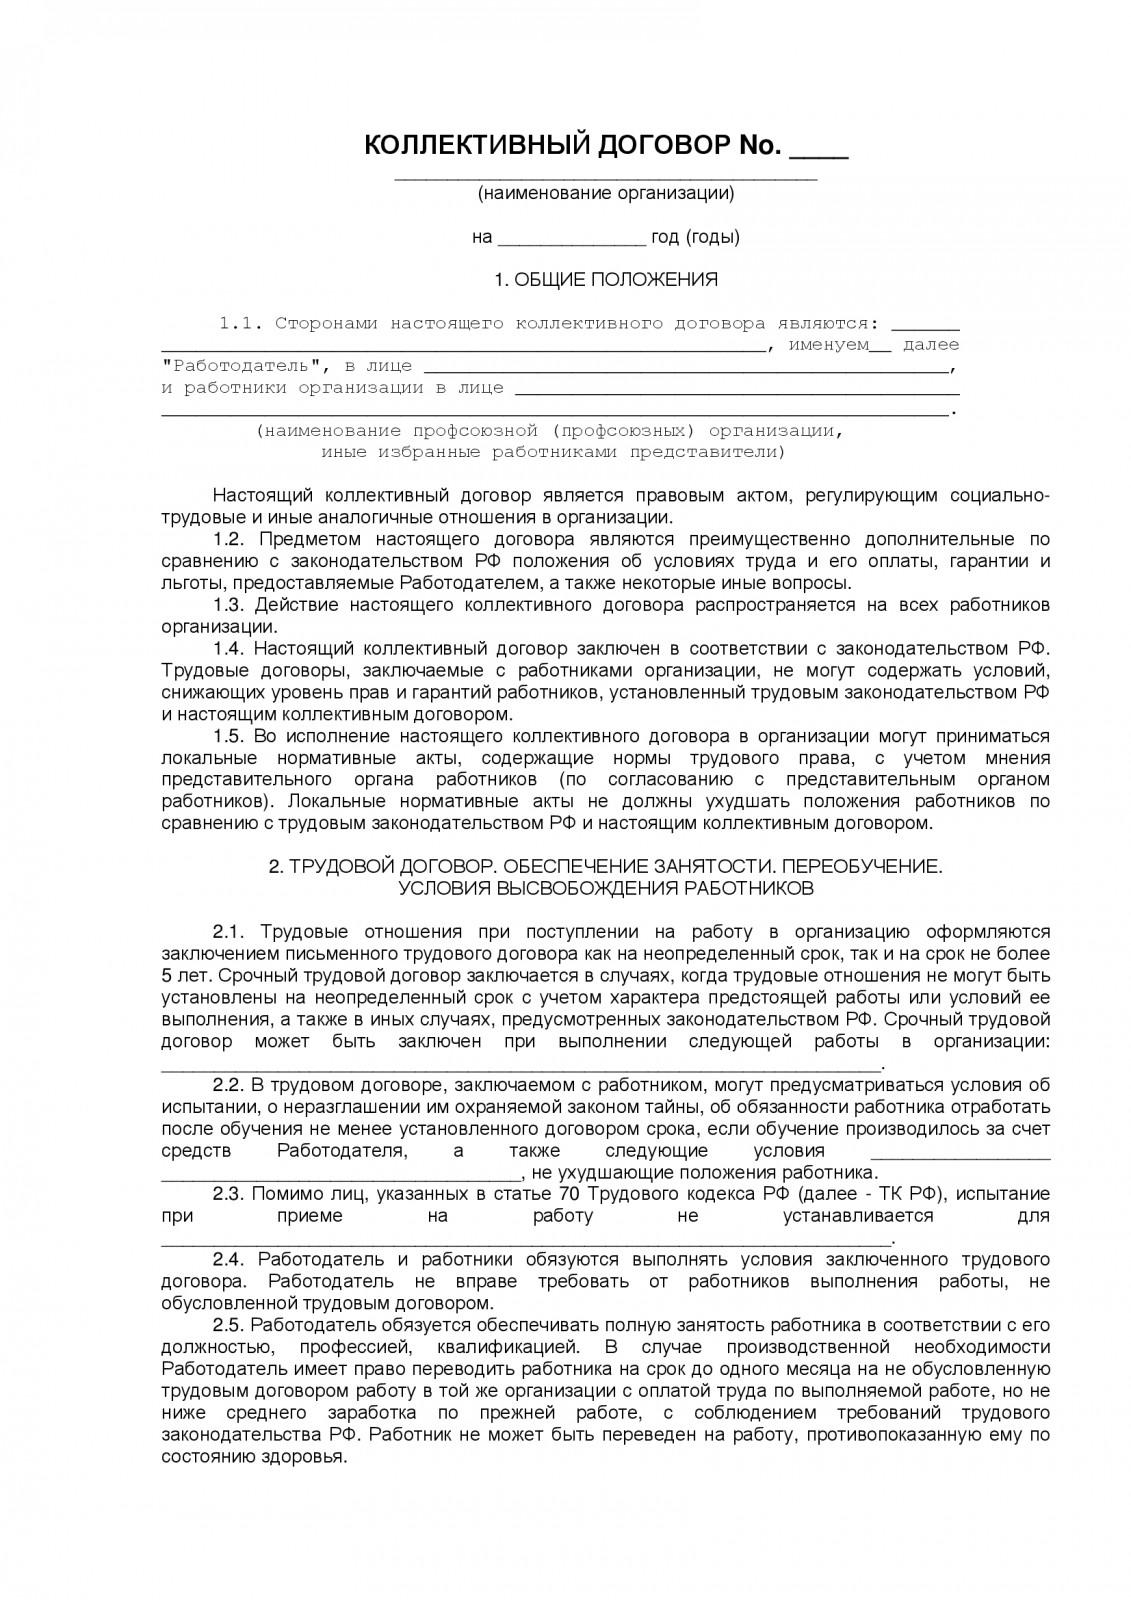 Договор на Организацию Питания Работников образец